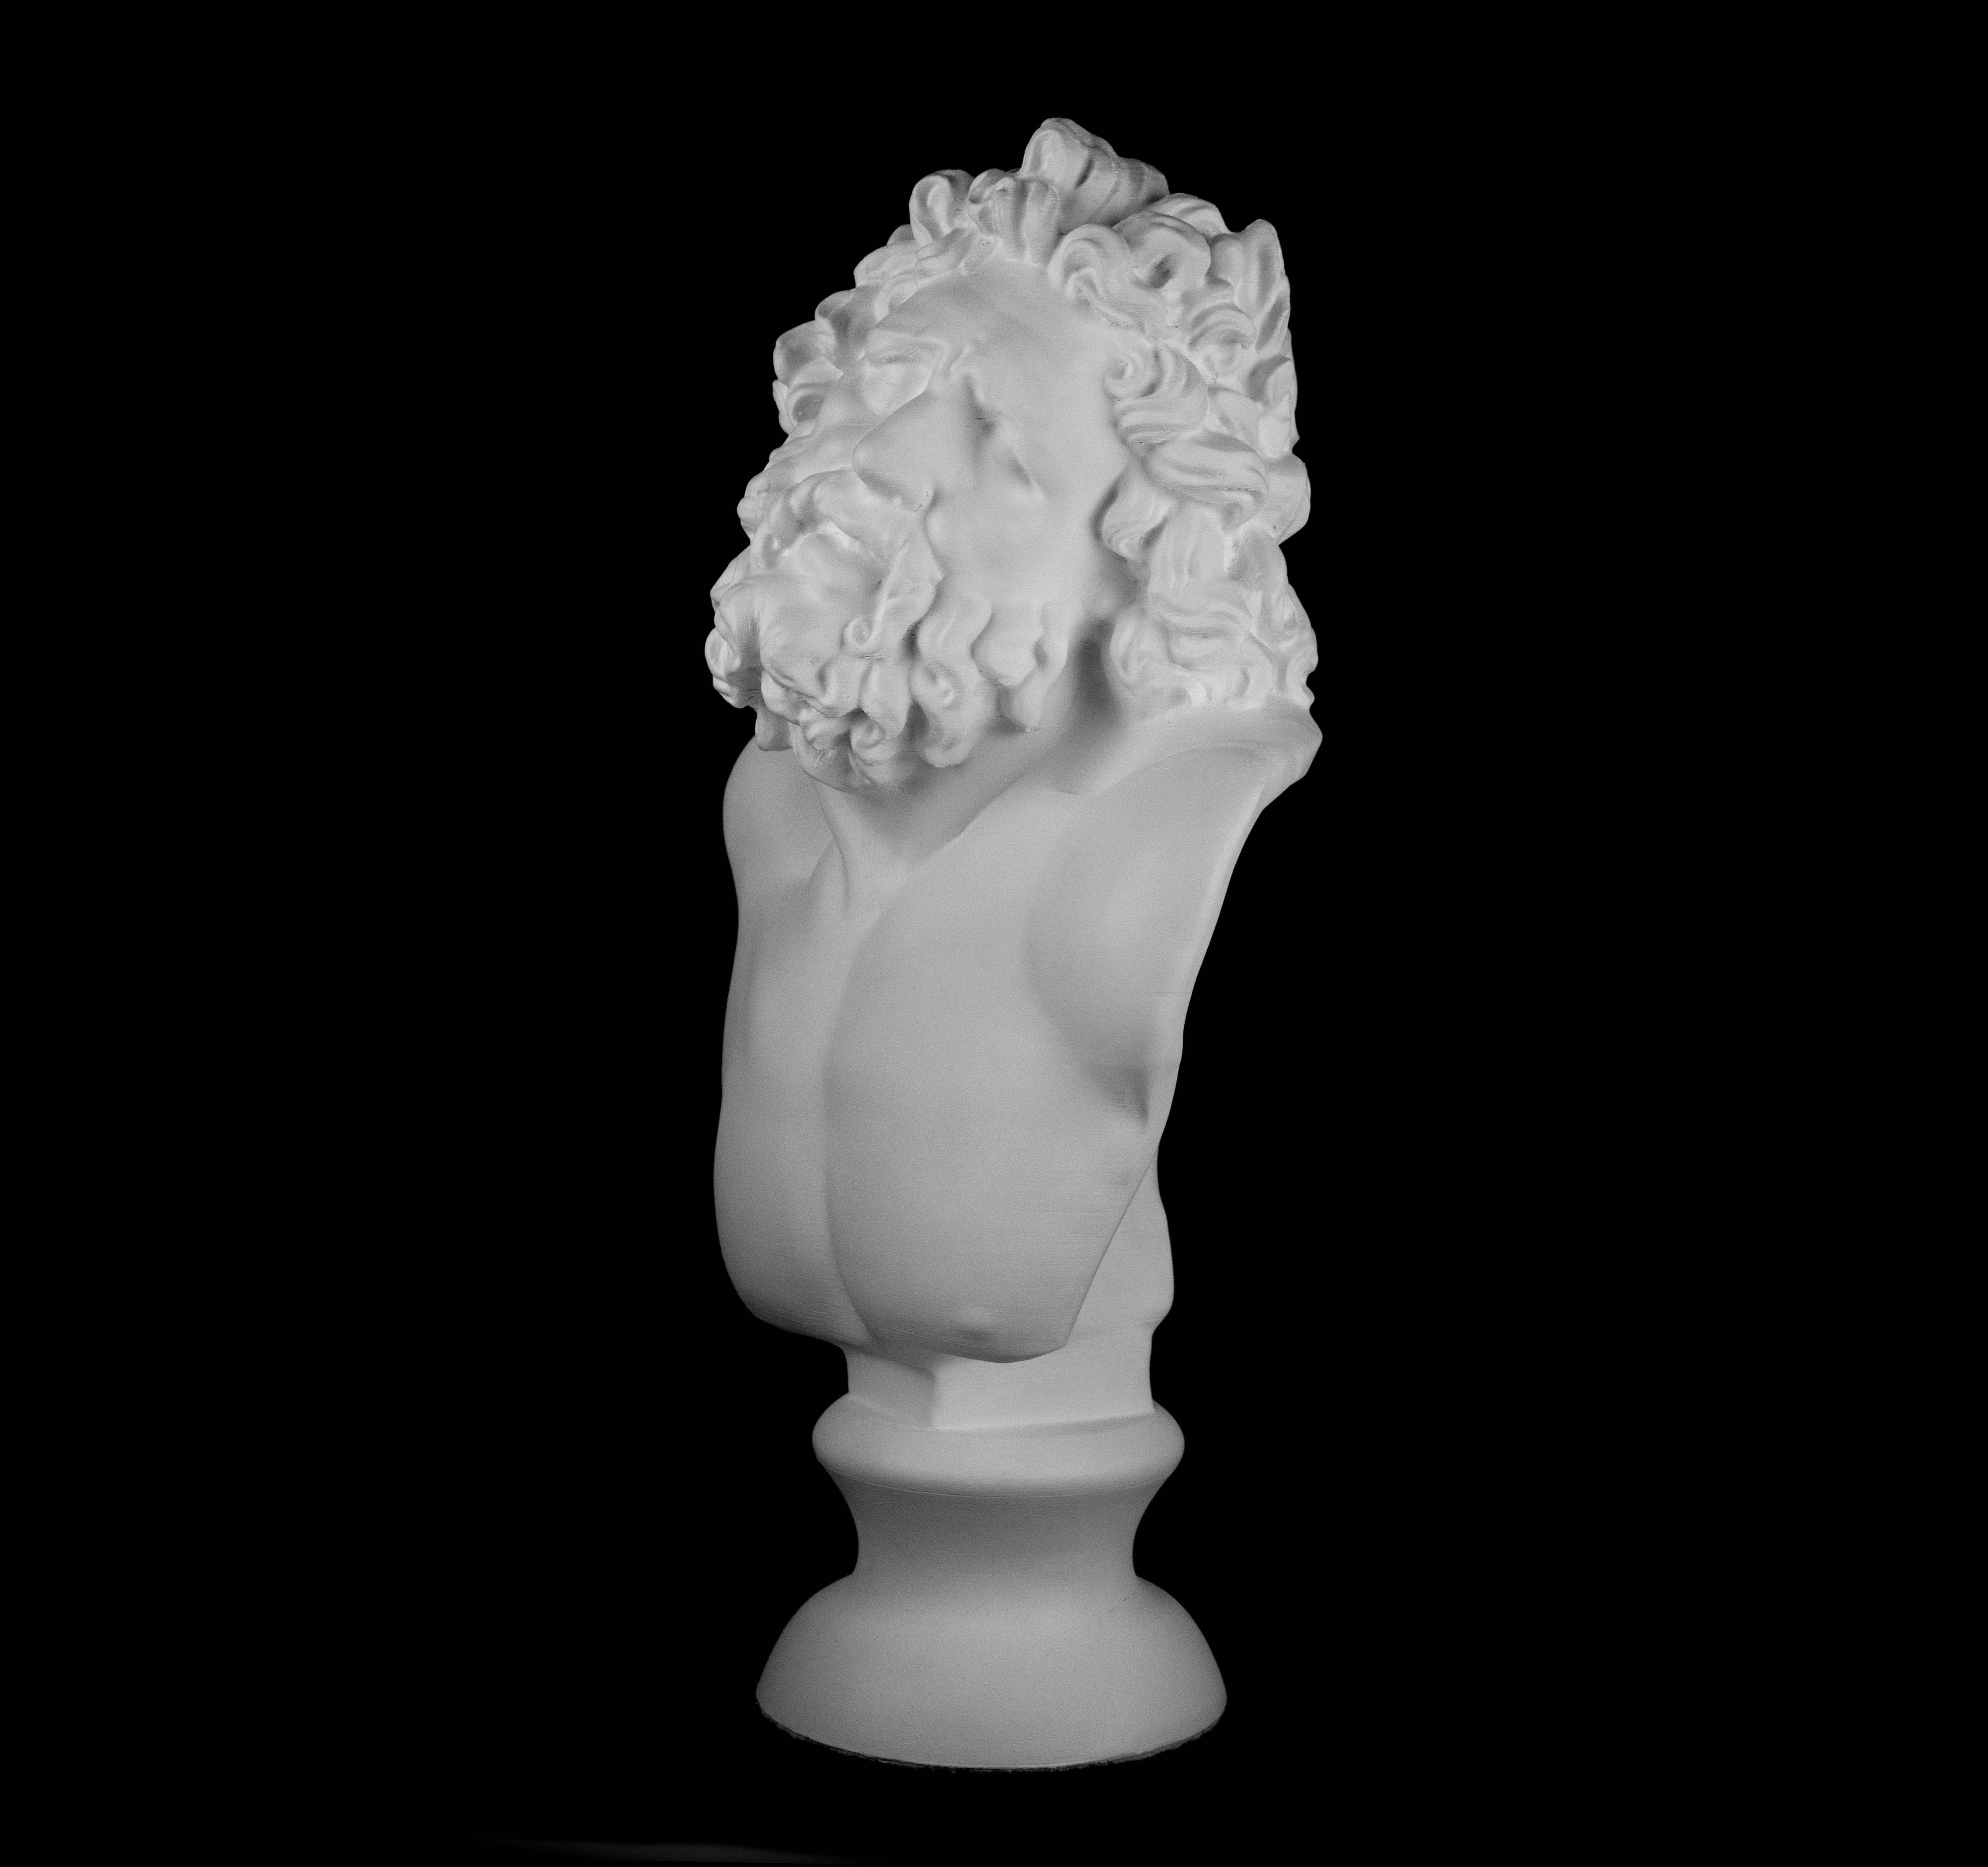 3D Printed Laocoon